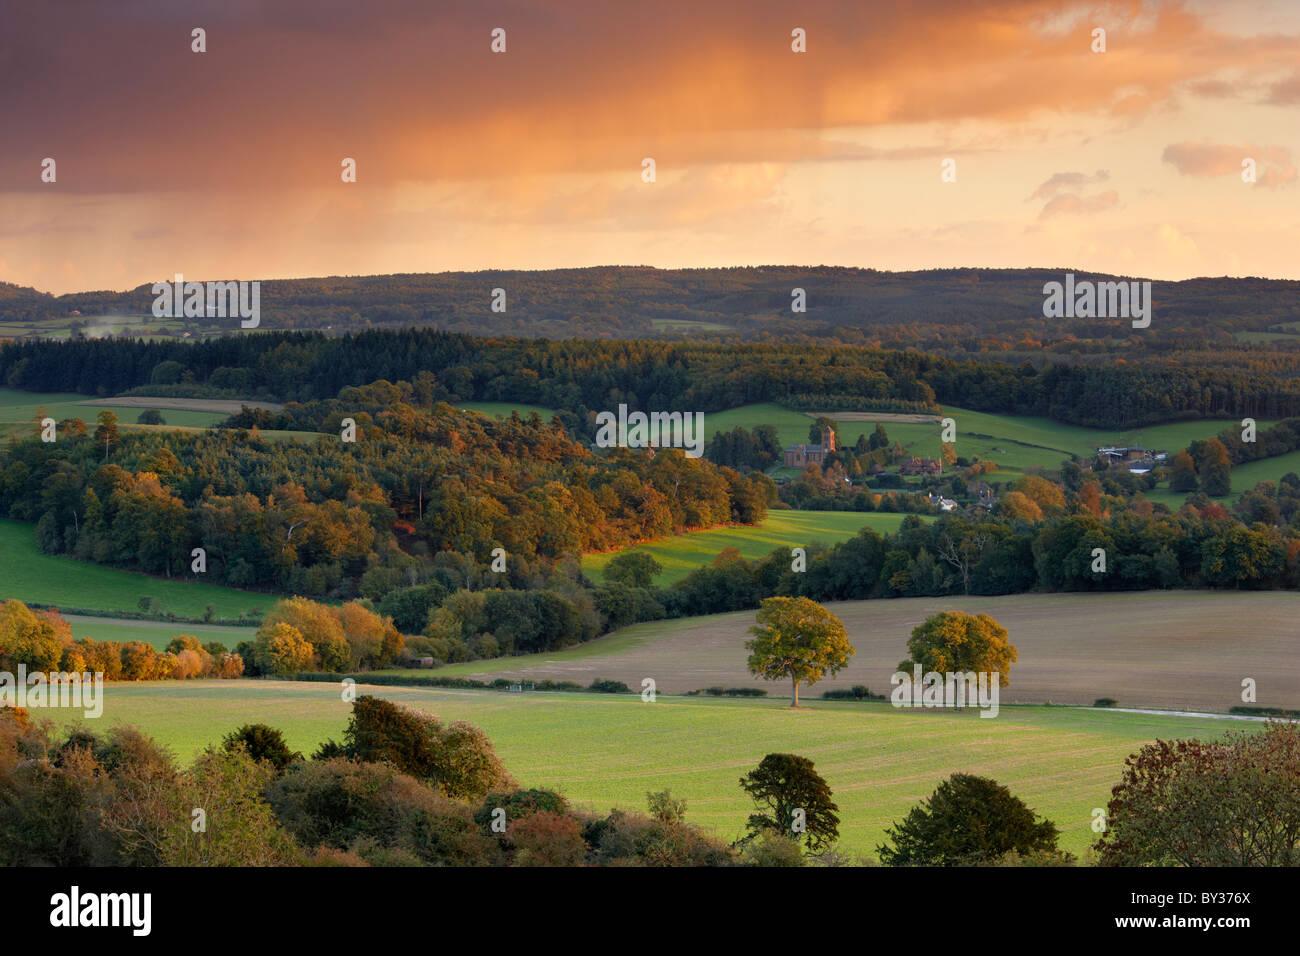 Le viste verso Albury e il Surrey Hills campagna Immagini Stock